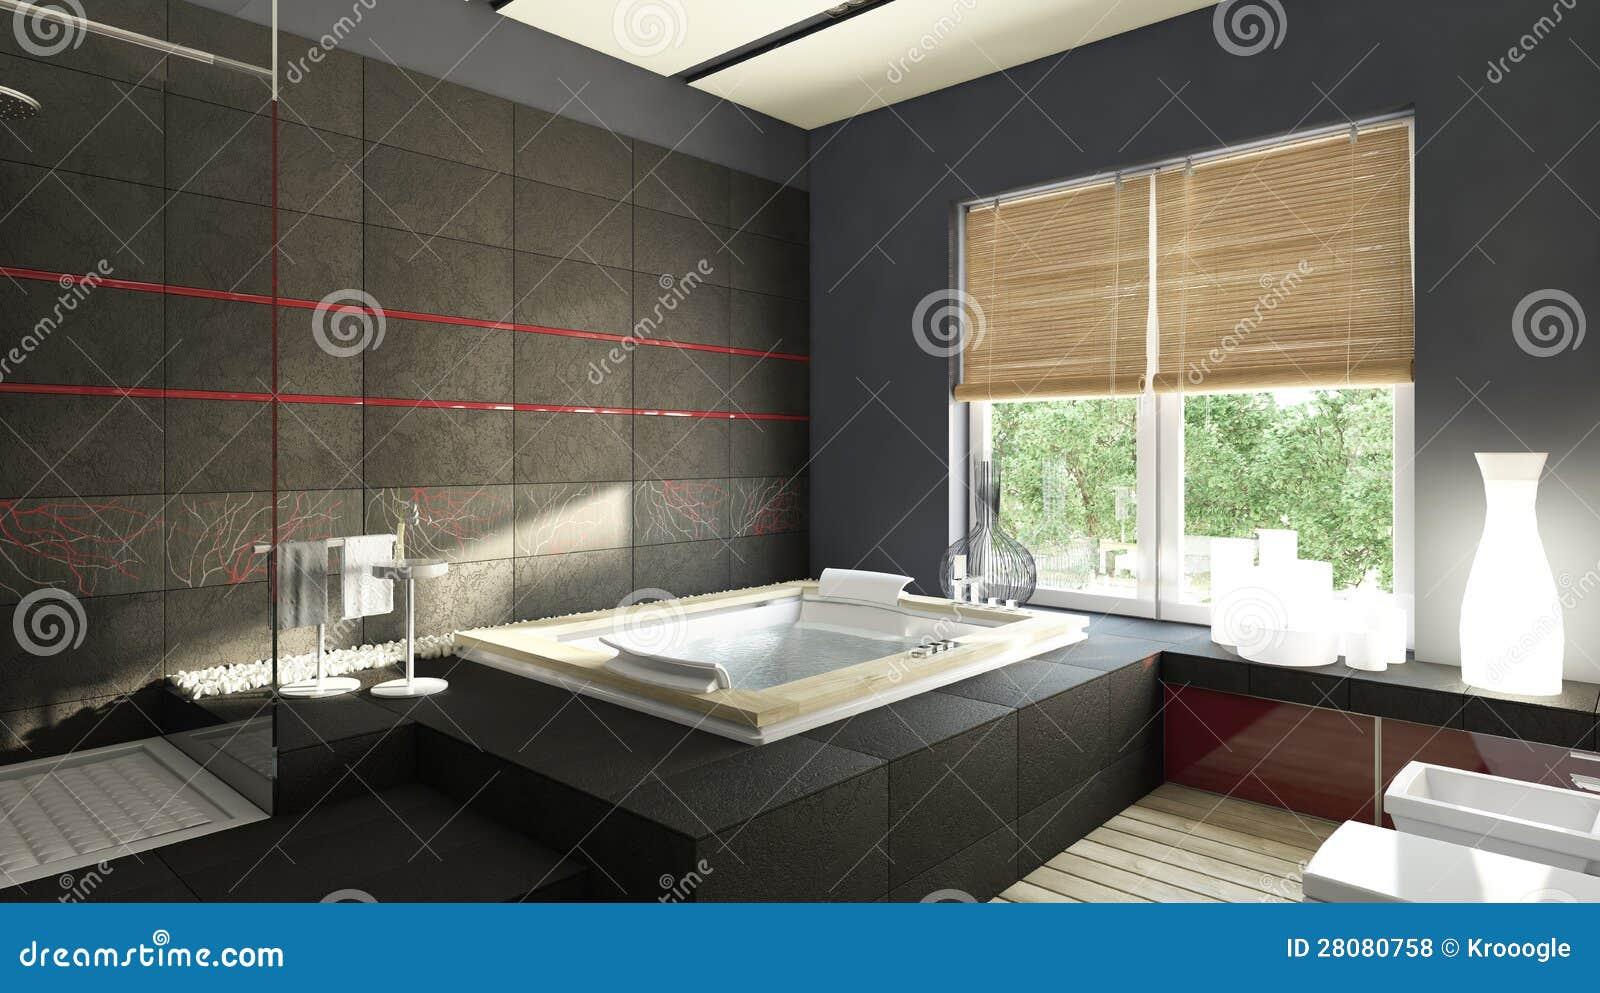 Schwarzes Badezimmer Stock Abbildung Illustration Von Kuche 28080758